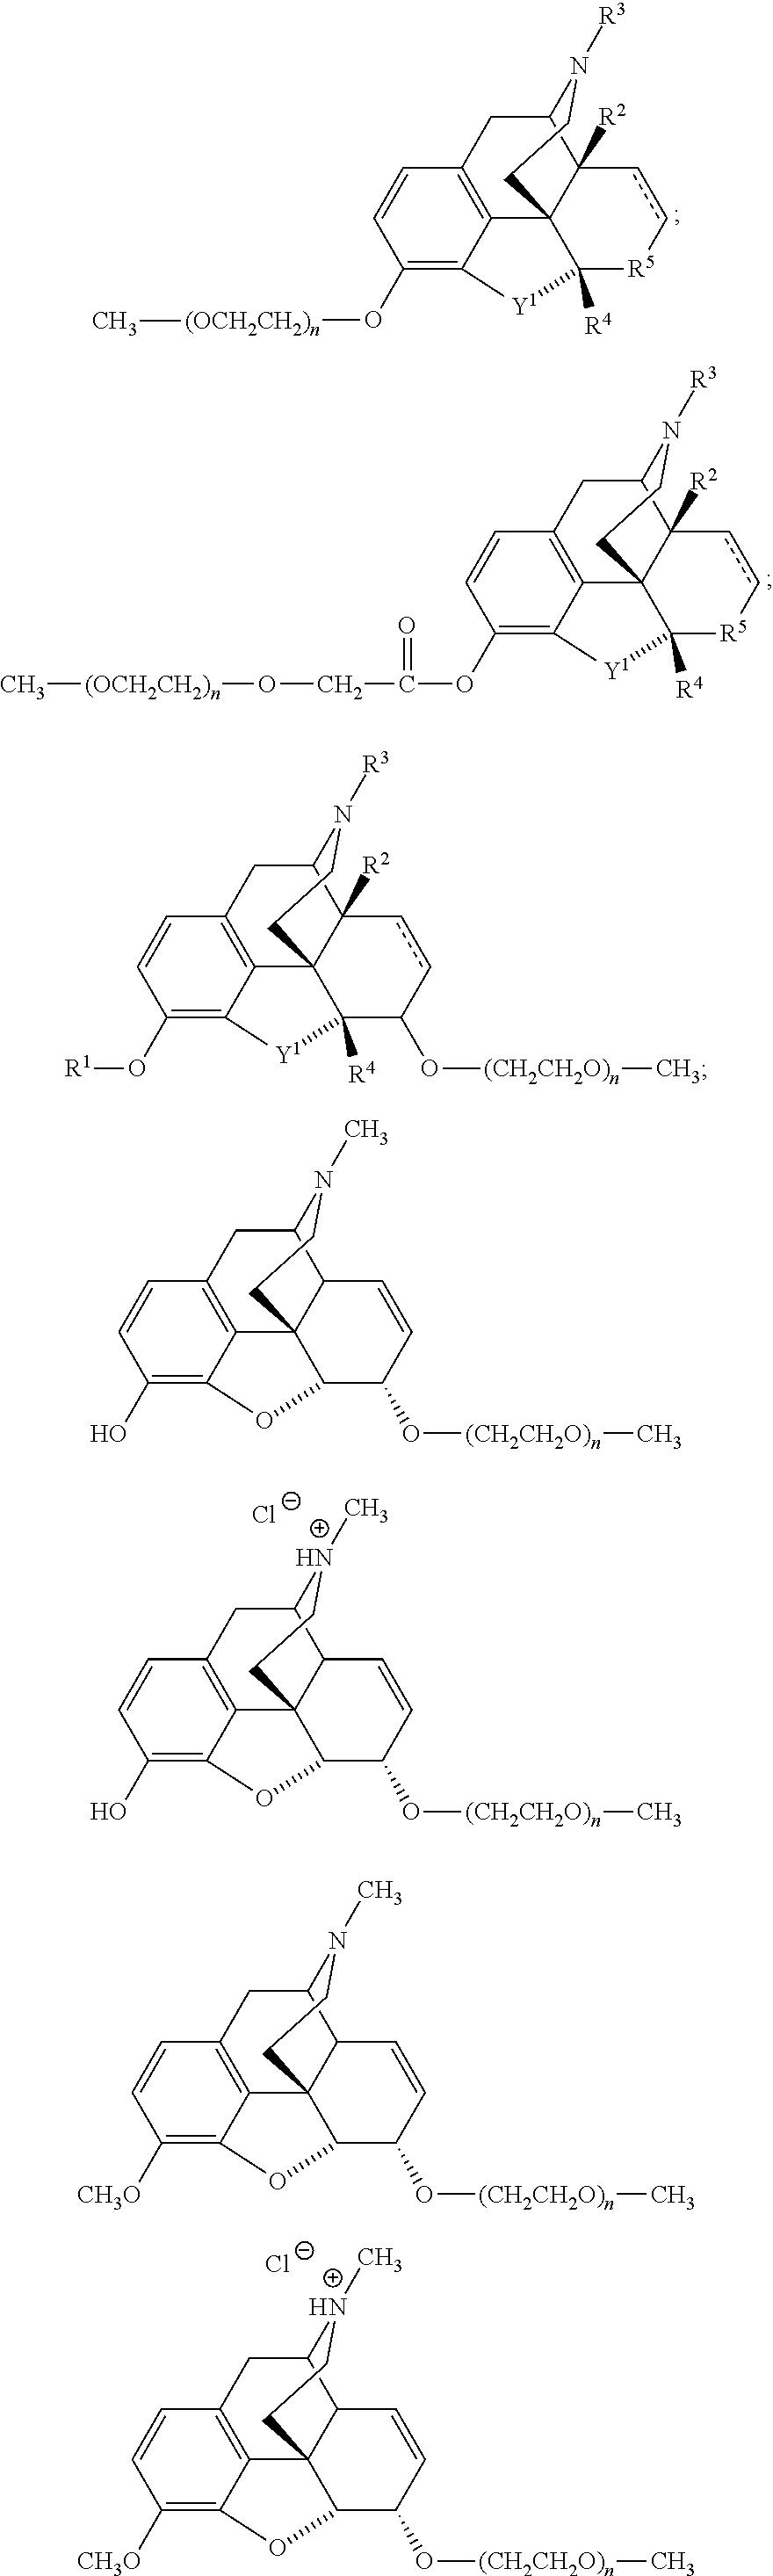 Figure US20190046523A1-20190214-C00012